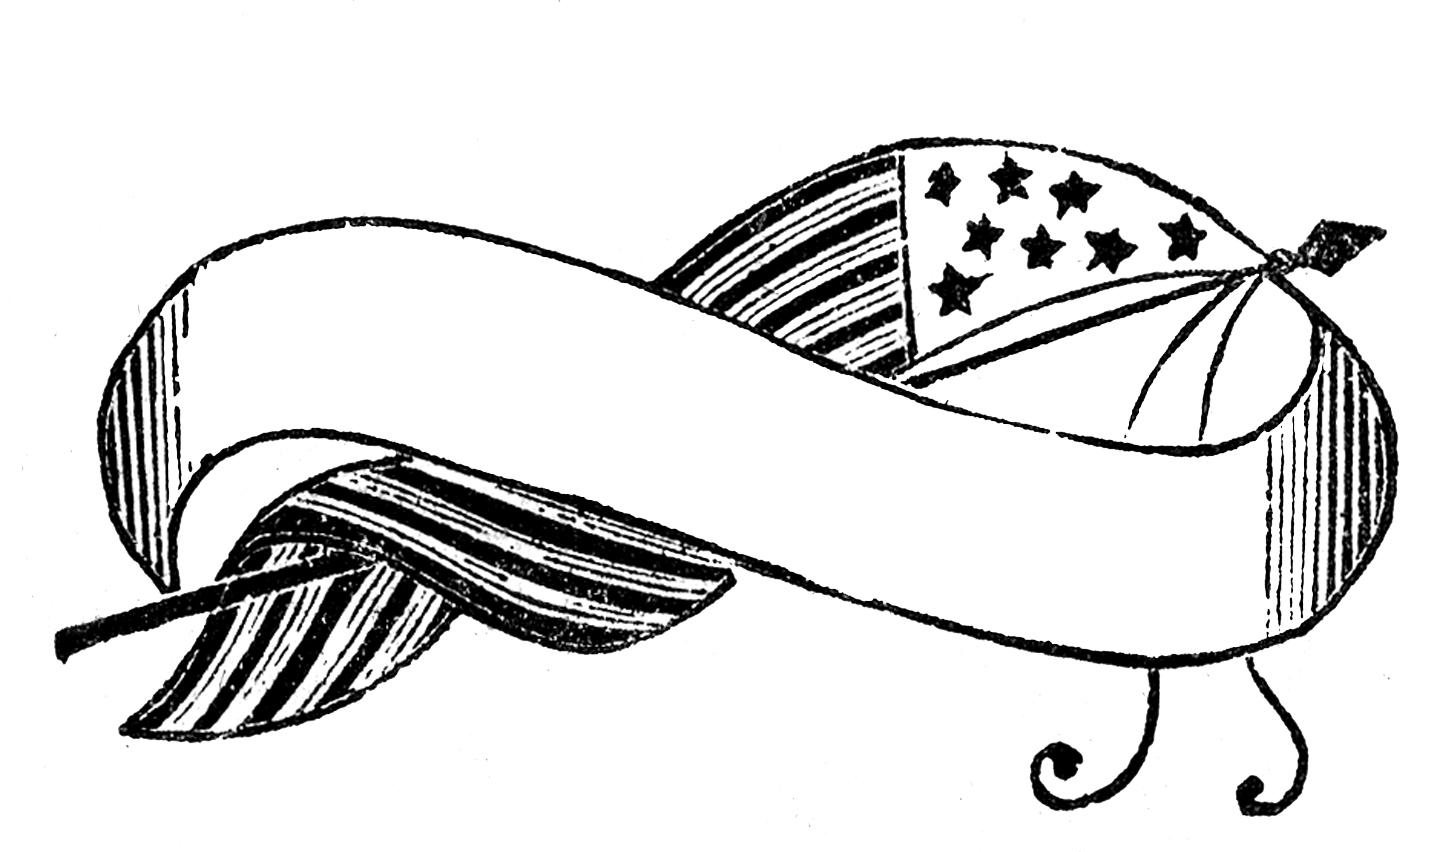 Vintage Patriotic Image